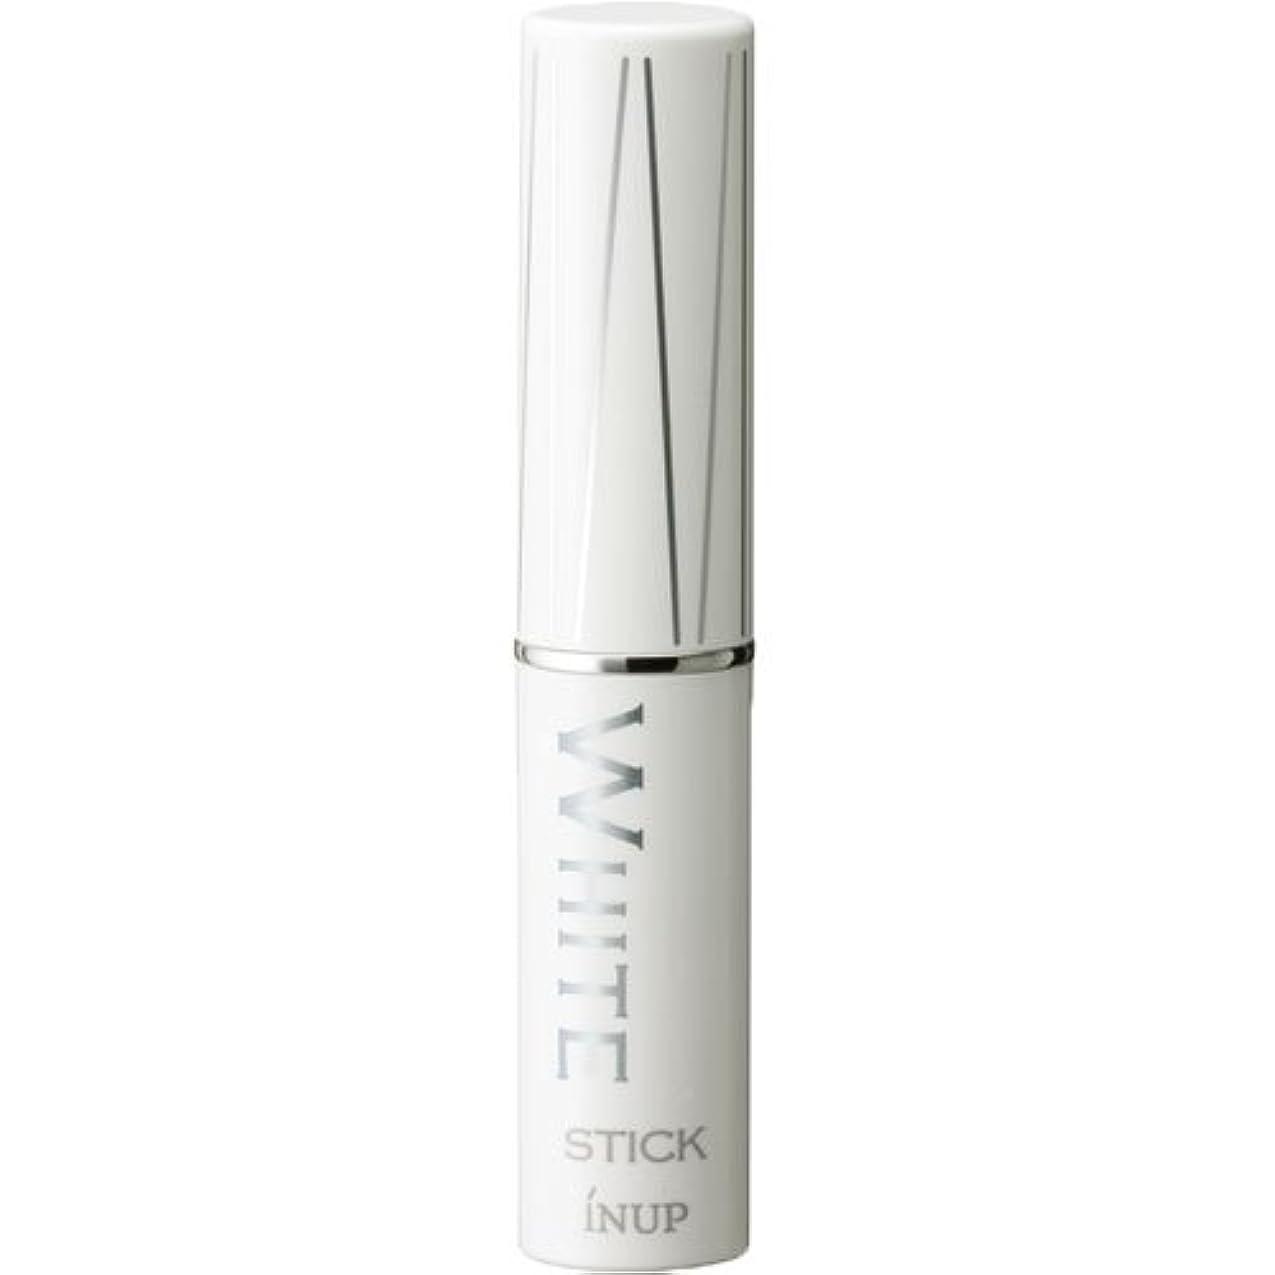 ポップ神秘赤面インナップ 美容スティック ビタミンC誘導体85% 配合 ホワイトスティック